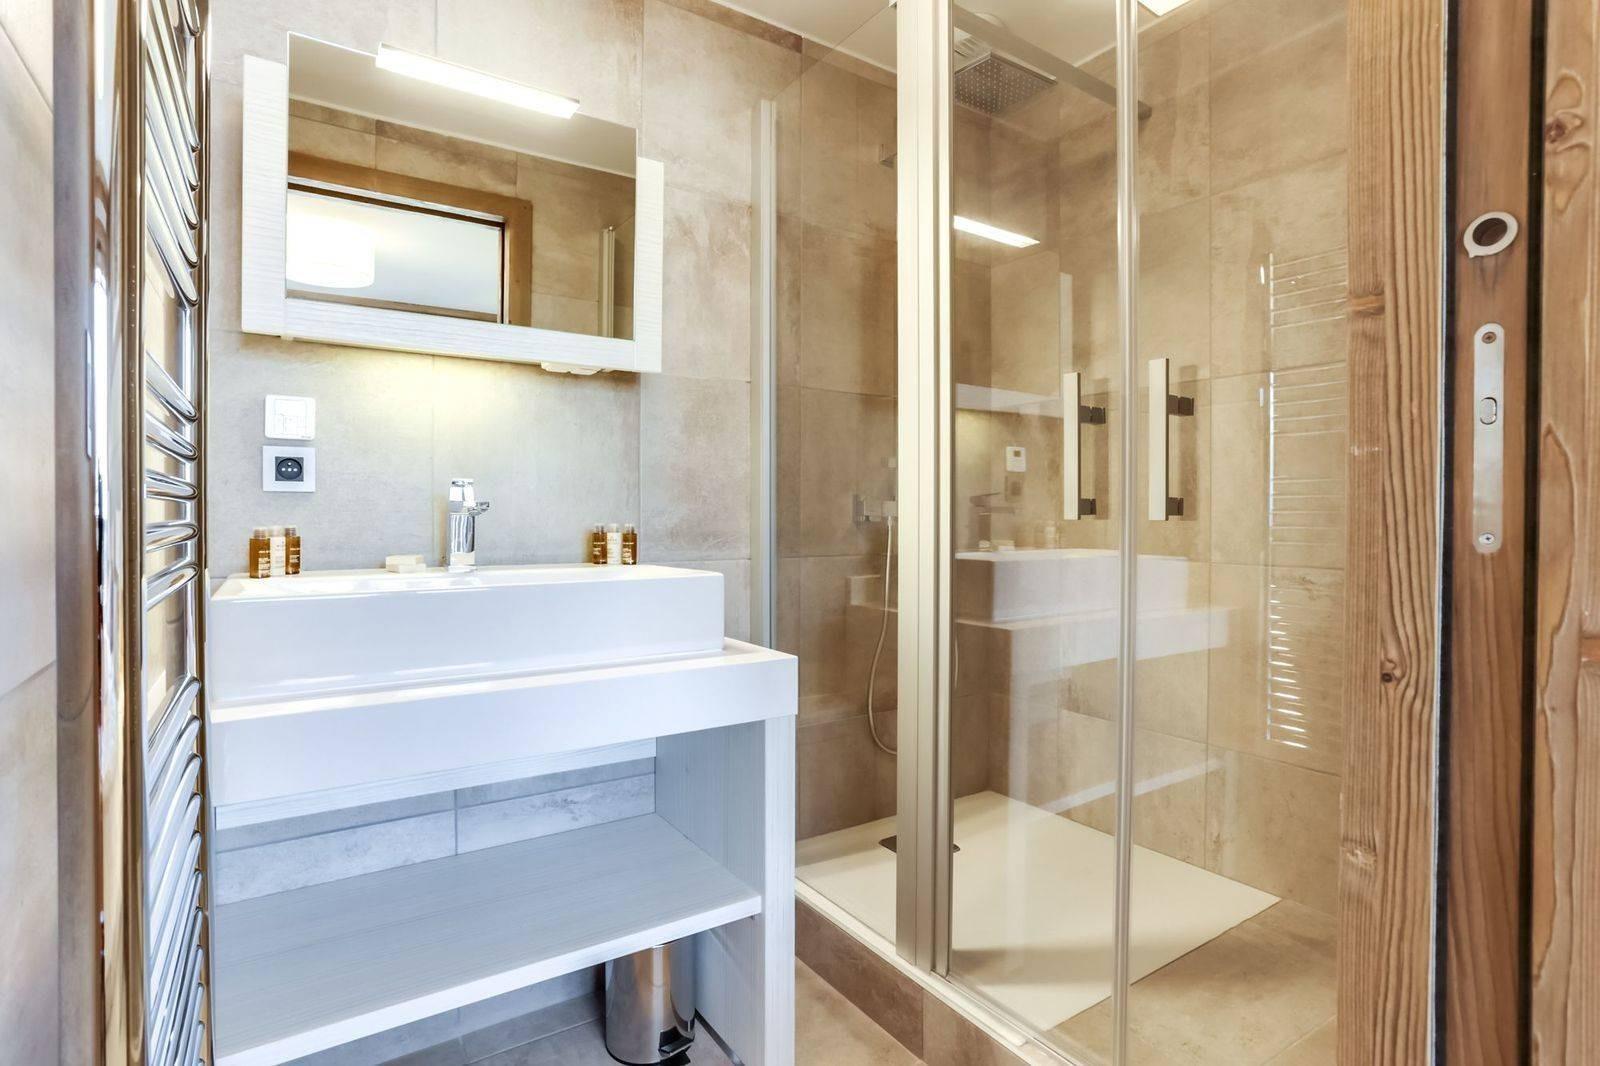 Courchevel 1550 Luxury Rental Appartment Telikia Bathroom 2